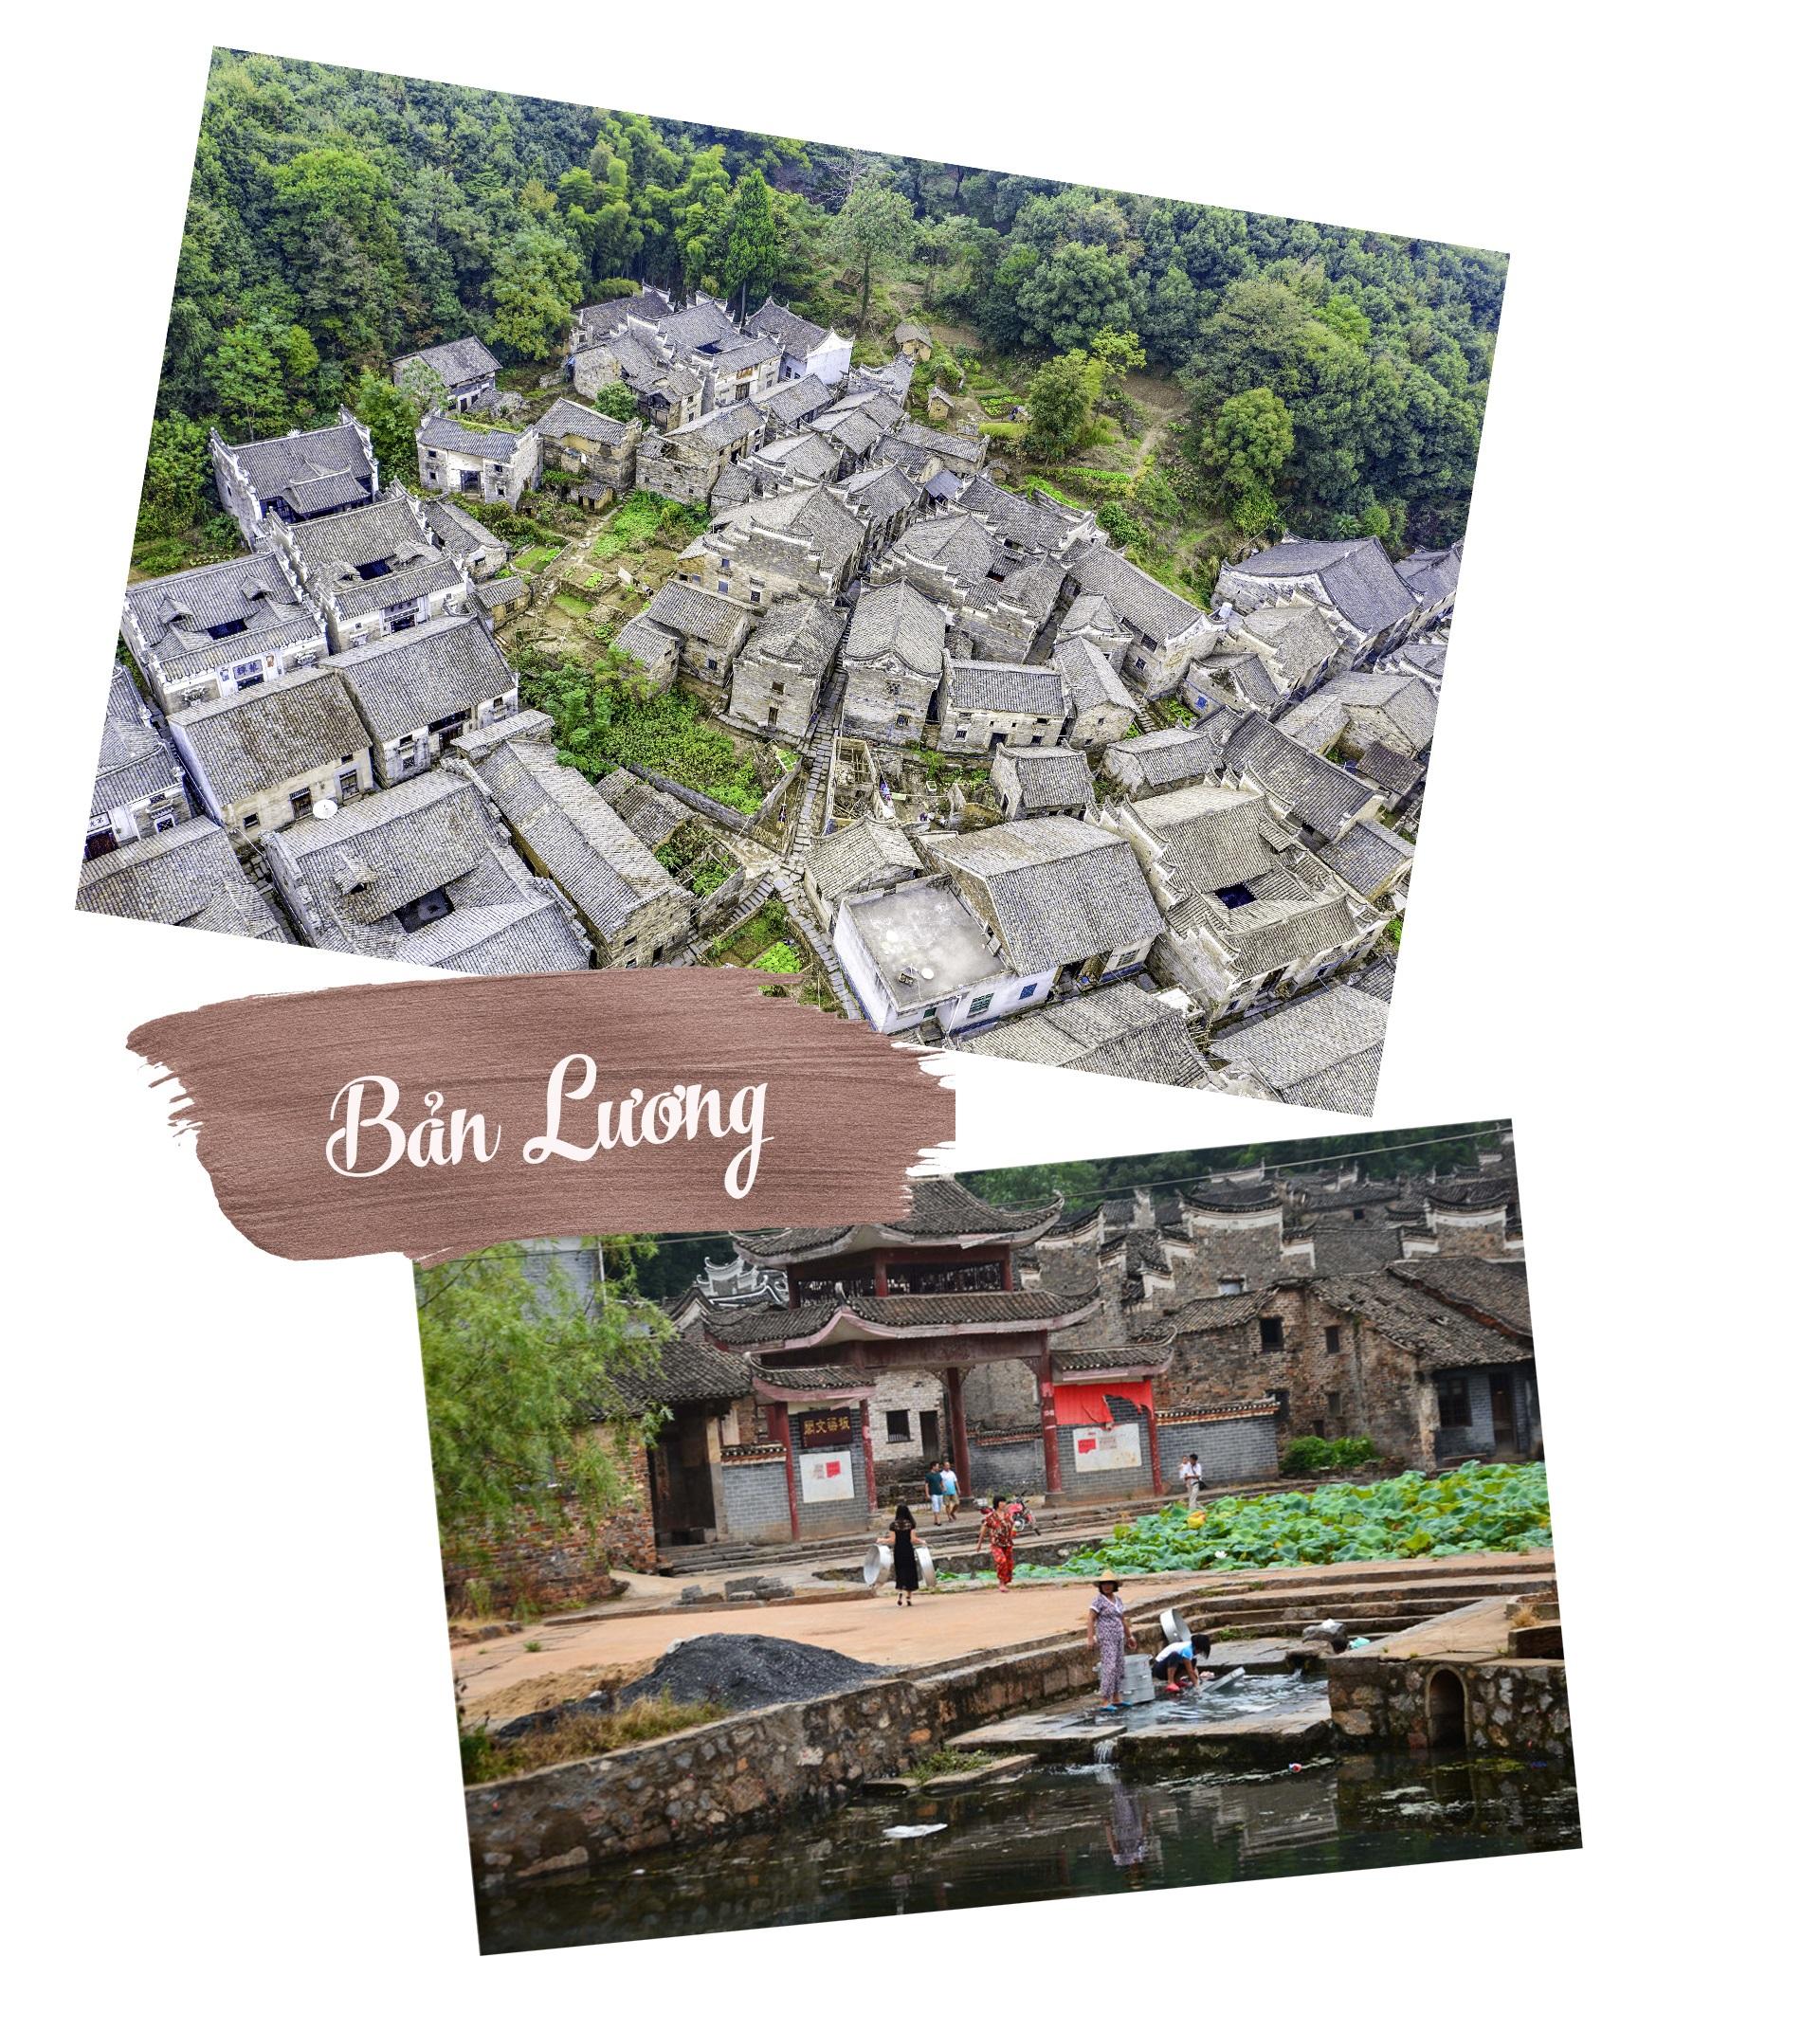 Ám ảnh những ngôi làng cổ xinh đẹp bị bỏ hoang ở Trung Quốc - 7